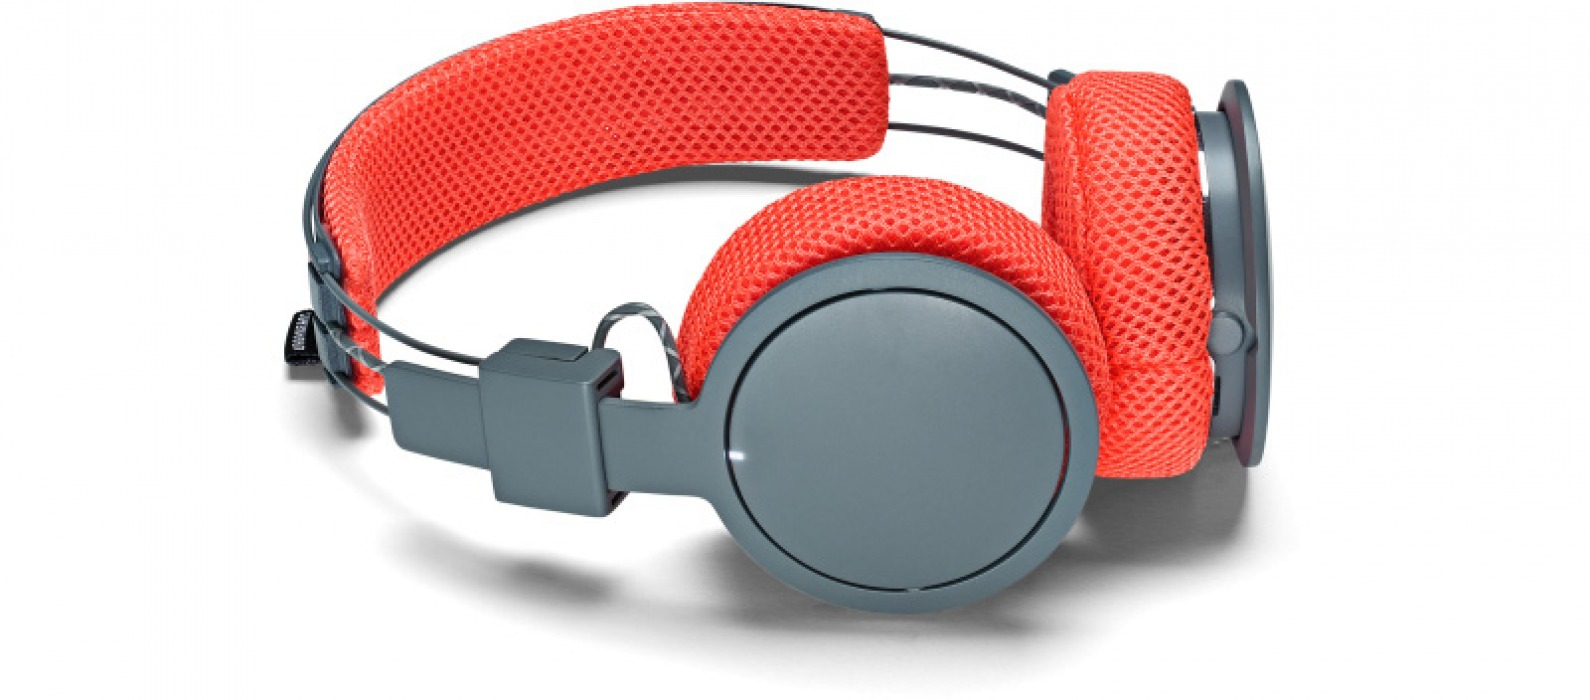 Wireless Headphones Review: Best Bluetooth Headphones of